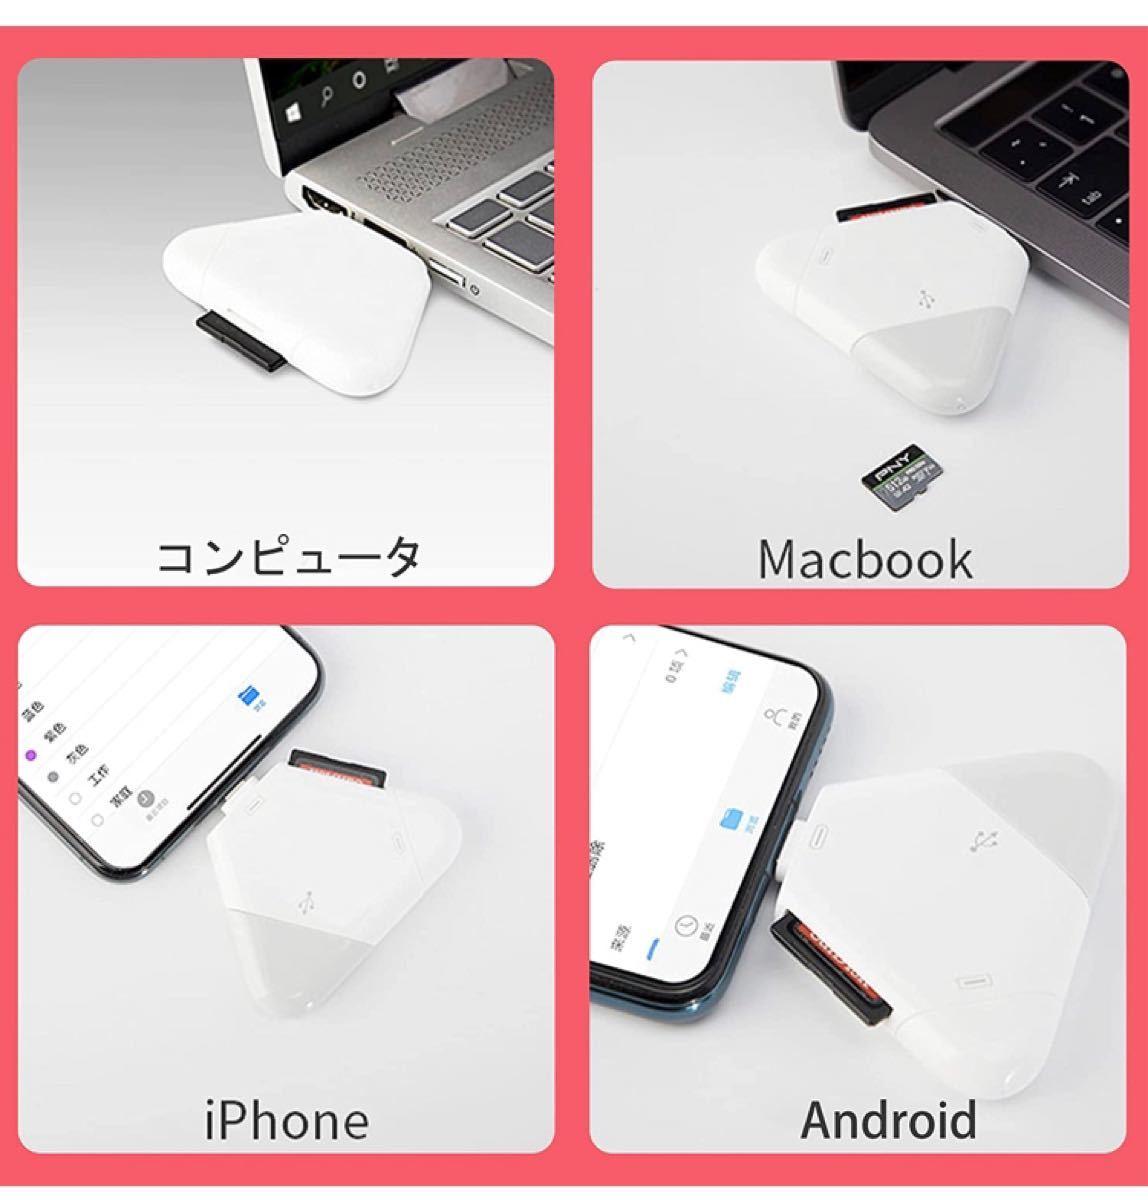 メモリカードリーダー SDメモリー カードリーダー USBマルチカードリーダー TF読取 iphone/Type-C /USB